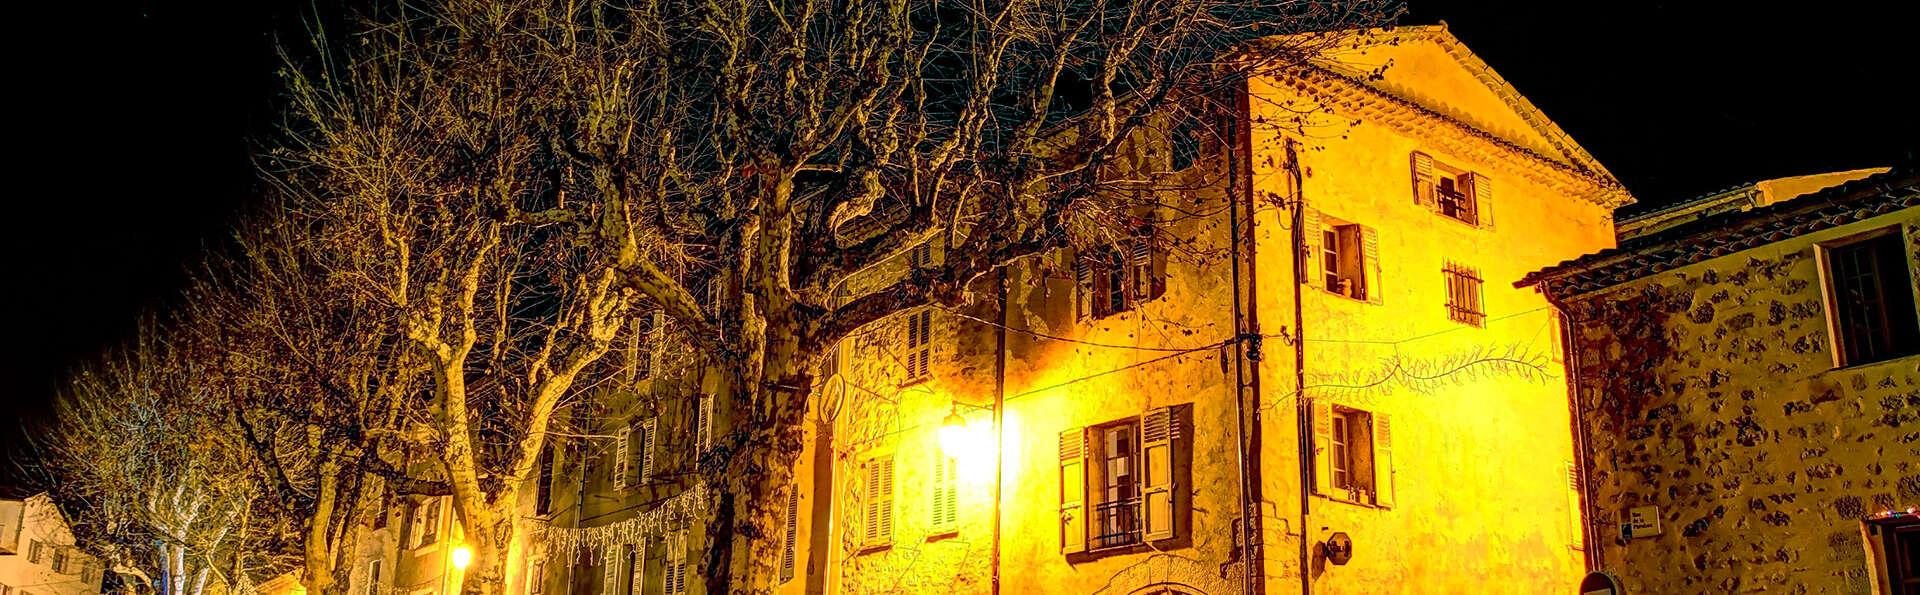 Novotel Antibes Sophia Antipolis - edit_valbonne1.jpg